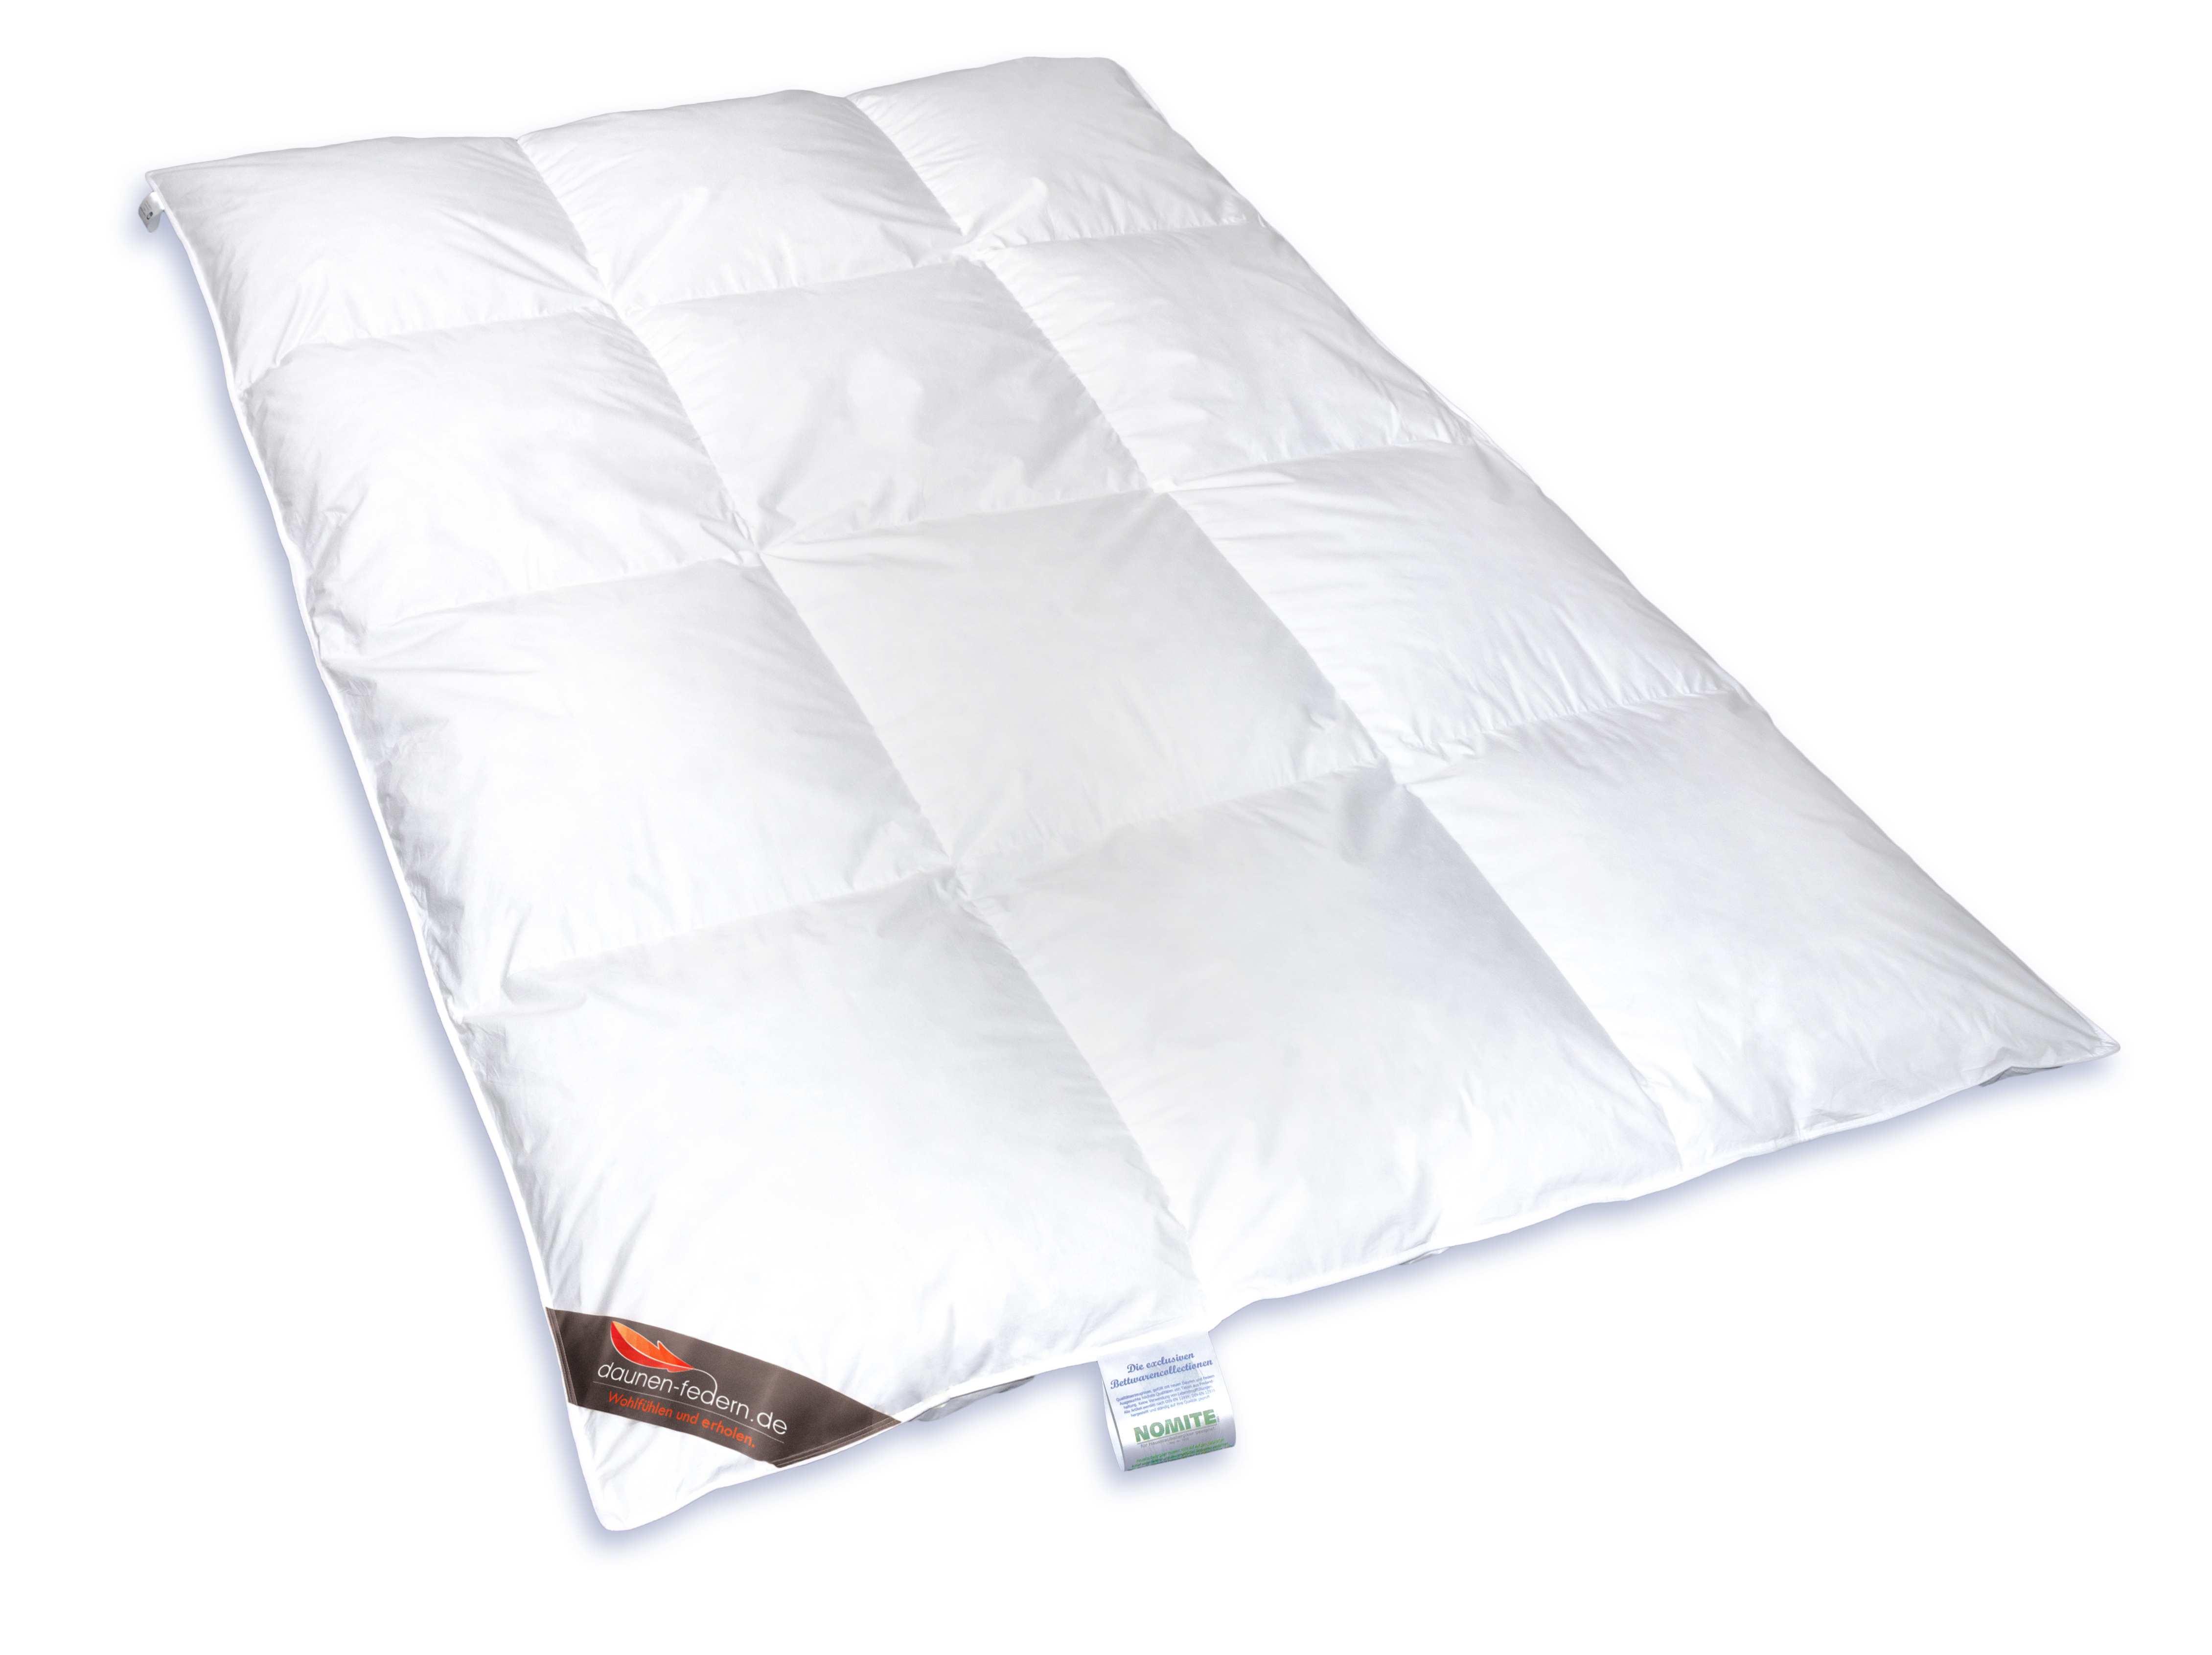 daunendecke federbett daunenbett 90 daunen 10 federn. Black Bedroom Furniture Sets. Home Design Ideas